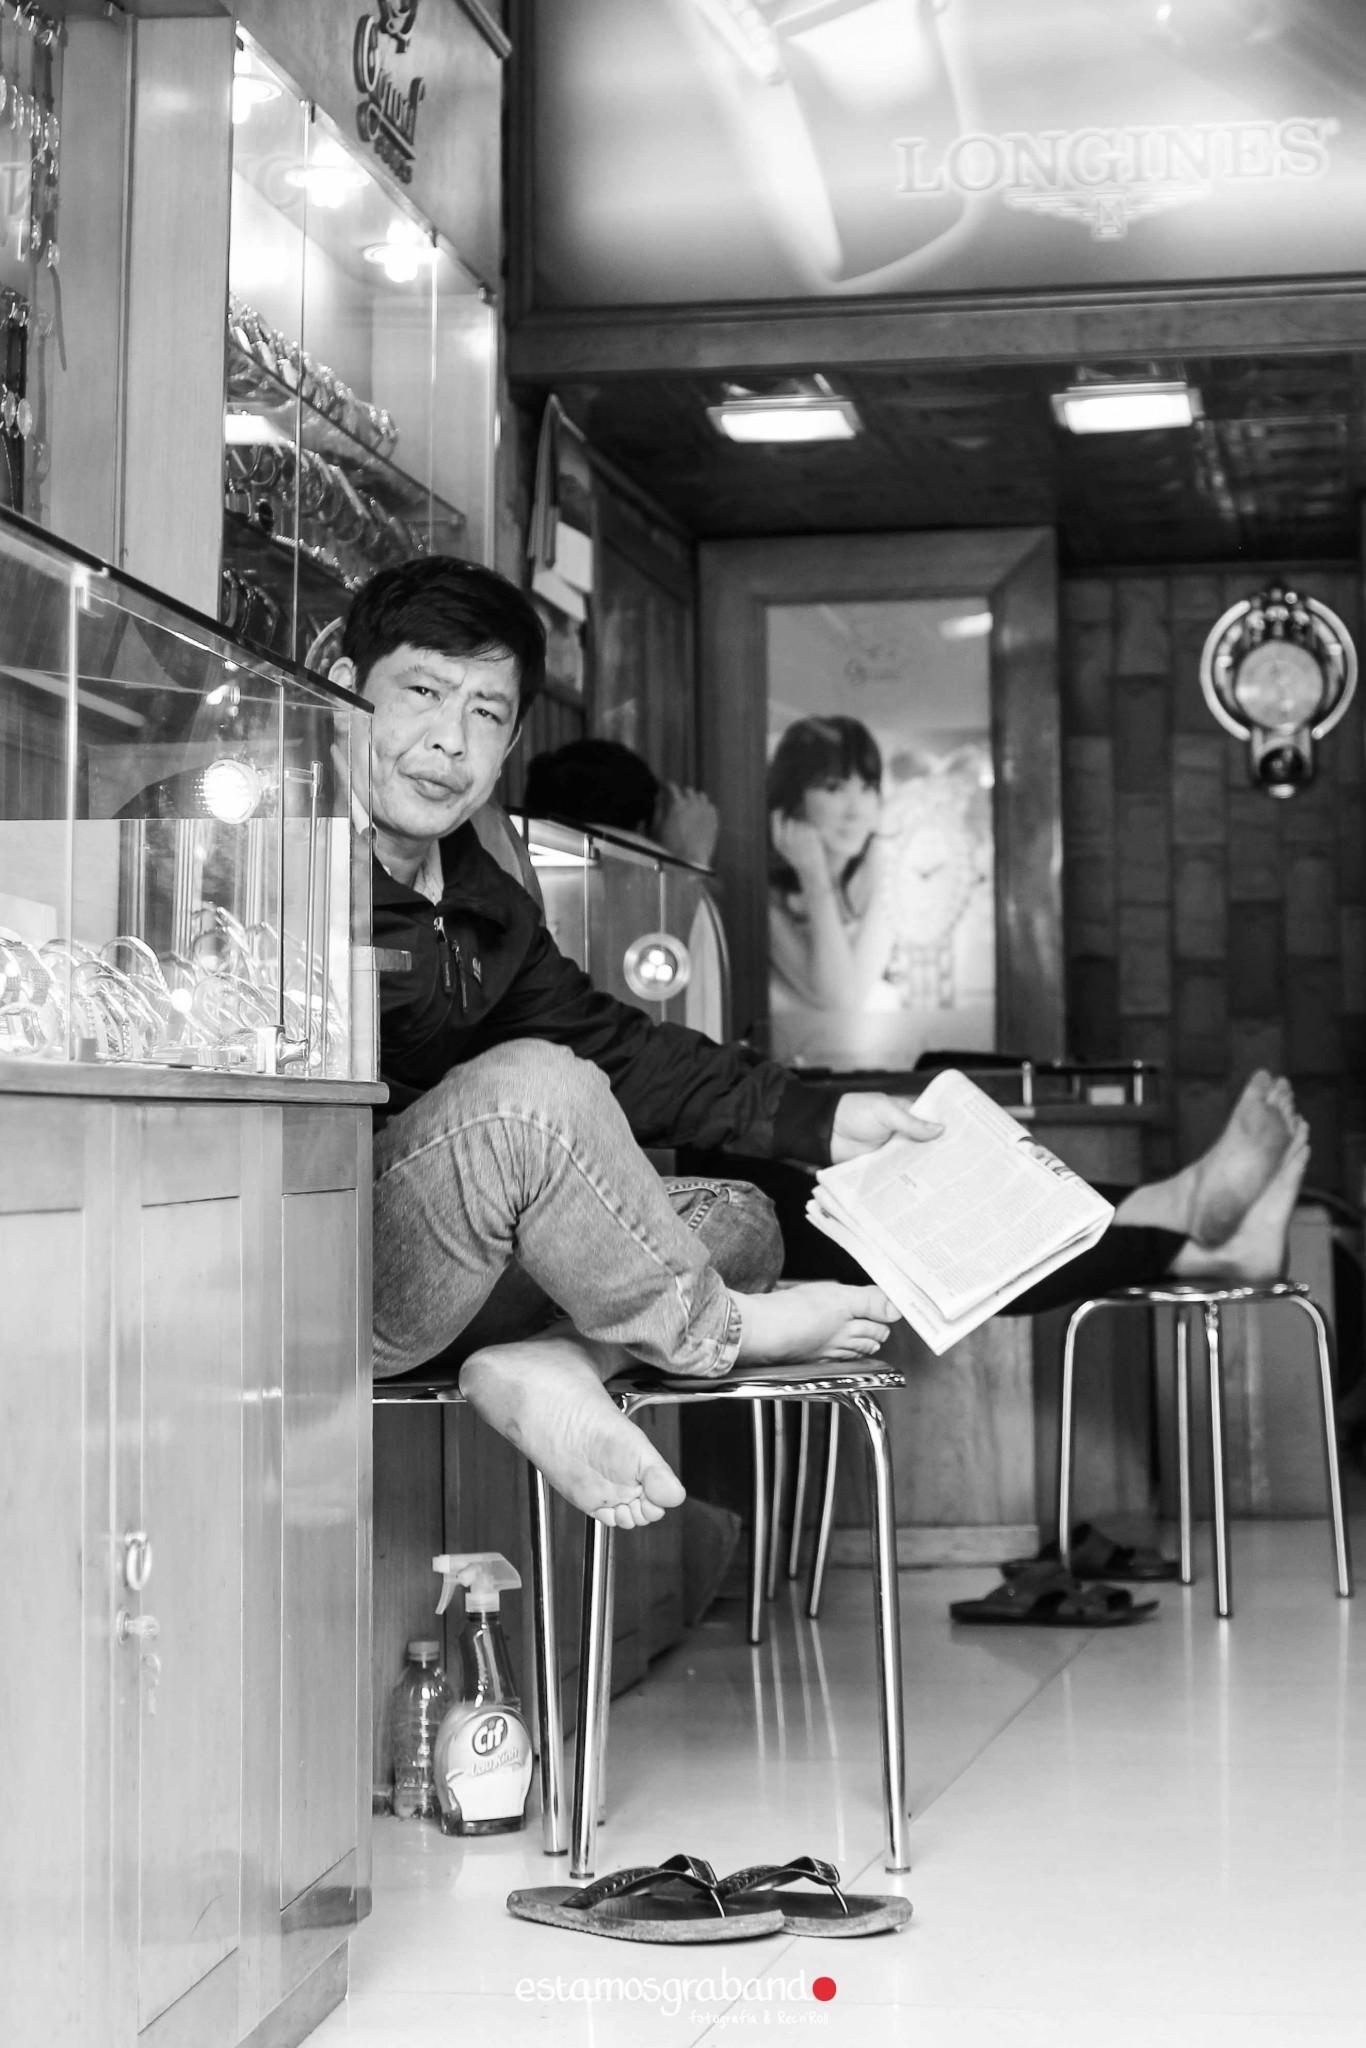 reportaje-vietnam_fotograficc81a-vietnam_estamosgrabando-vietnam_rutasvietnam_reportaje-retratos-fotos-vietnam_fotografia-vietnam_reportaje-estamosgrabando-fotograficc81a-vietnam-80 Pequeños grandes recuerdos de Vietnam en 100 imágenes - video boda cadiz